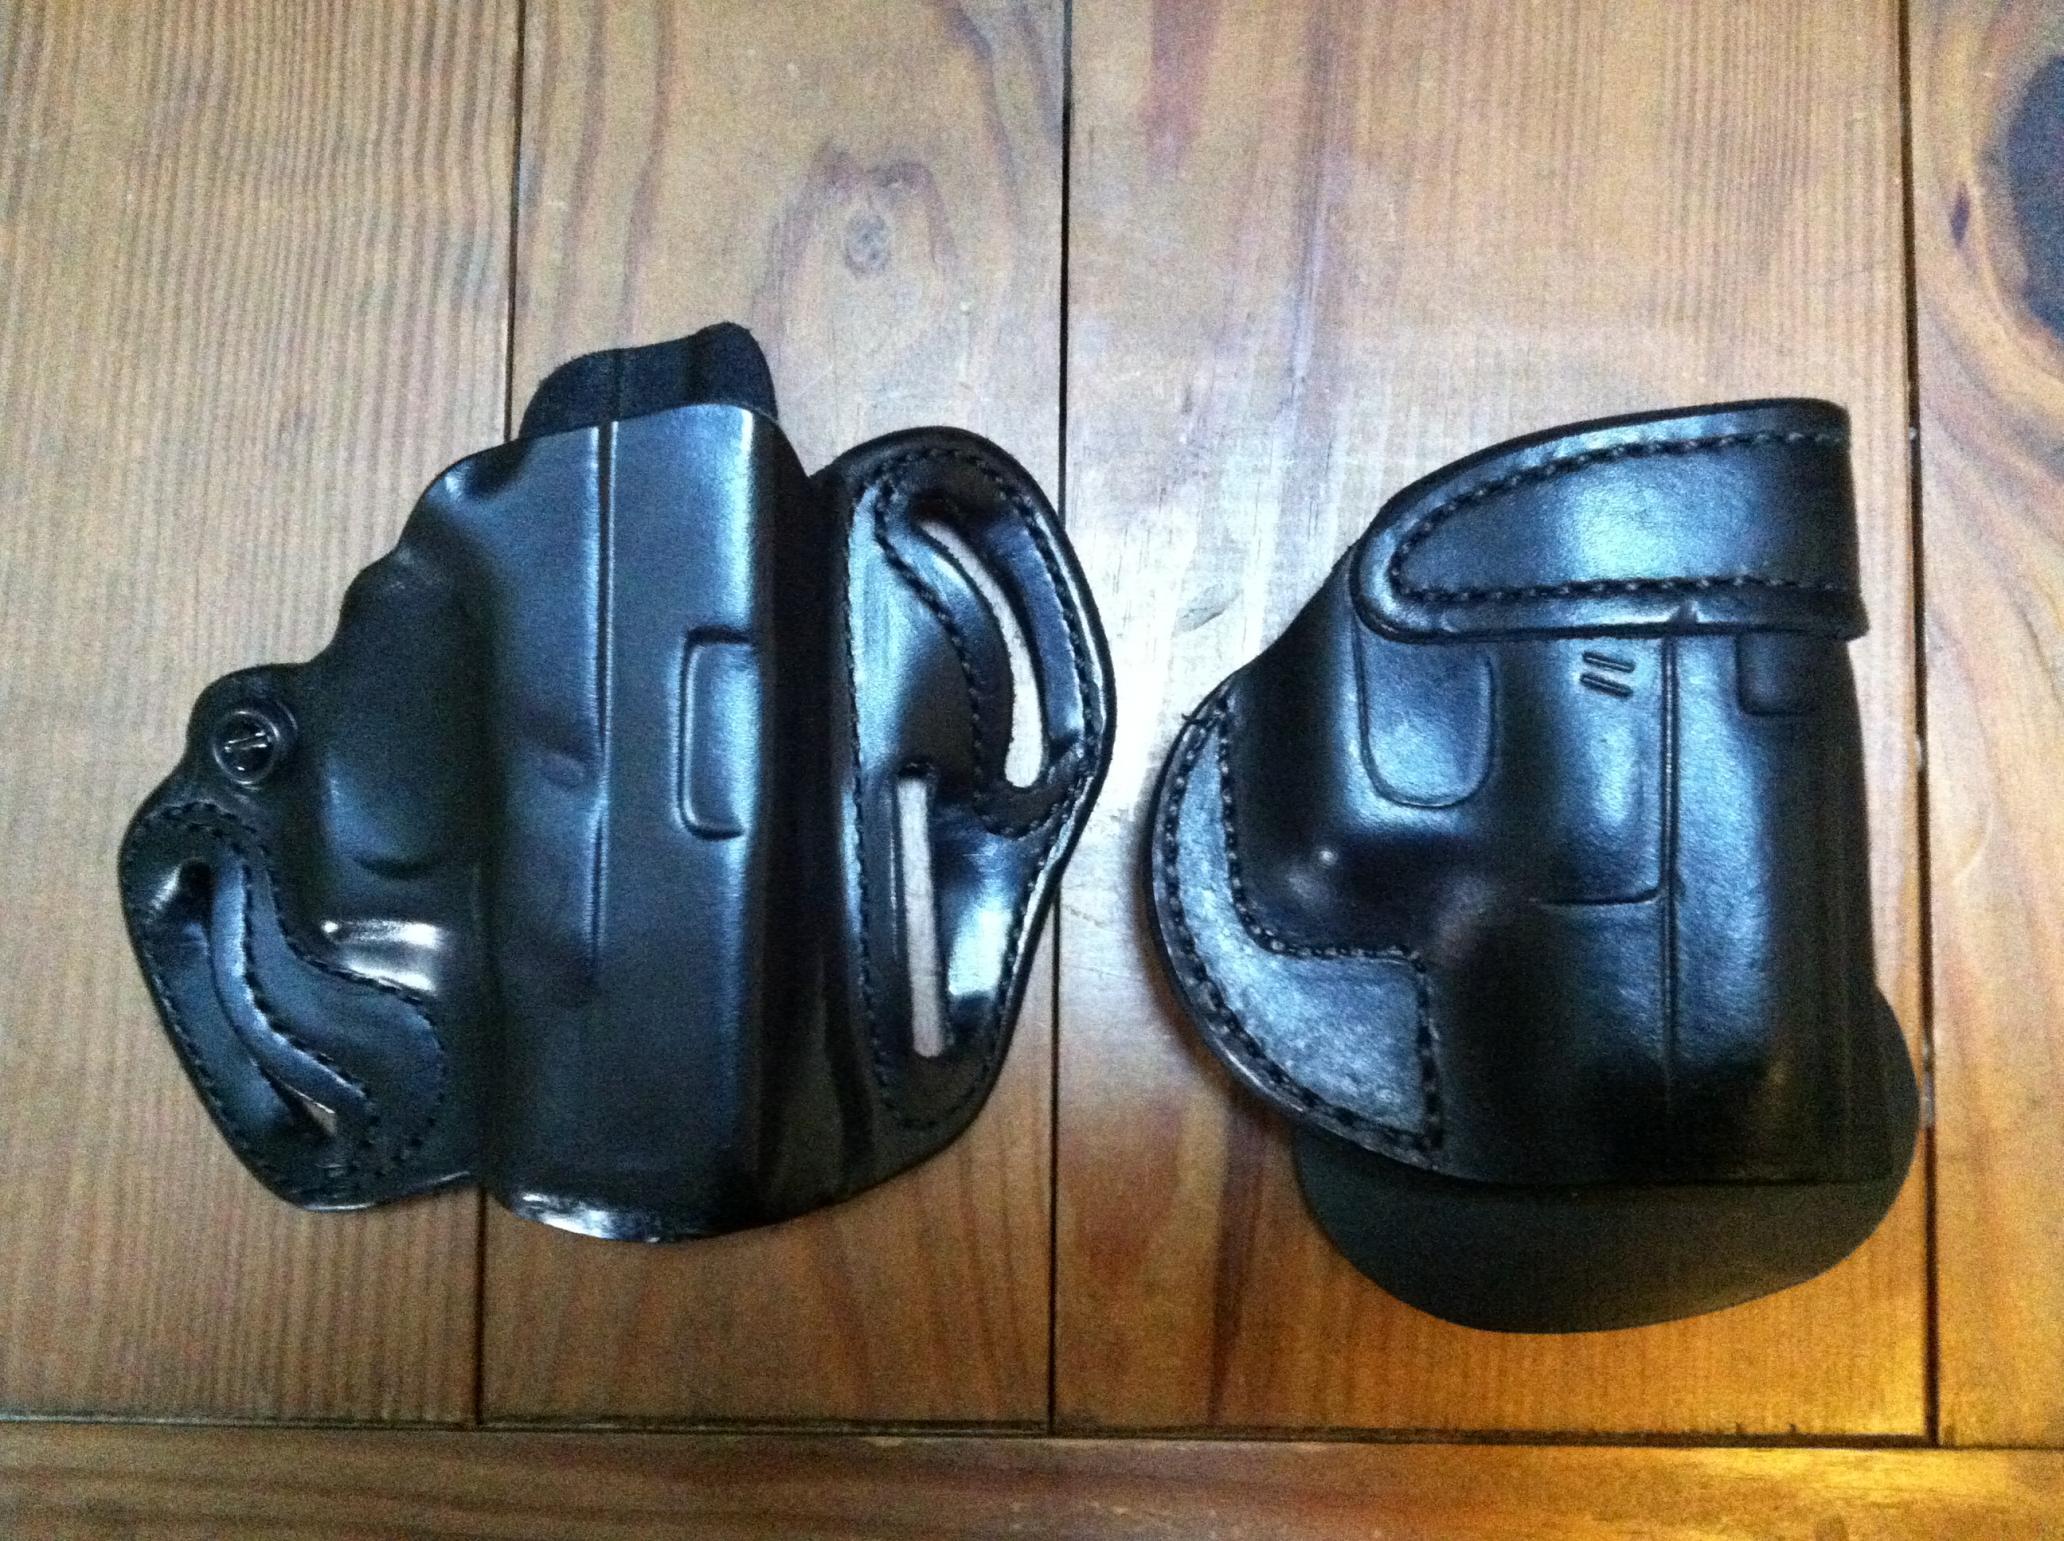 Glock 26/27 OWB Holsters For Sale-img_0457.jpg